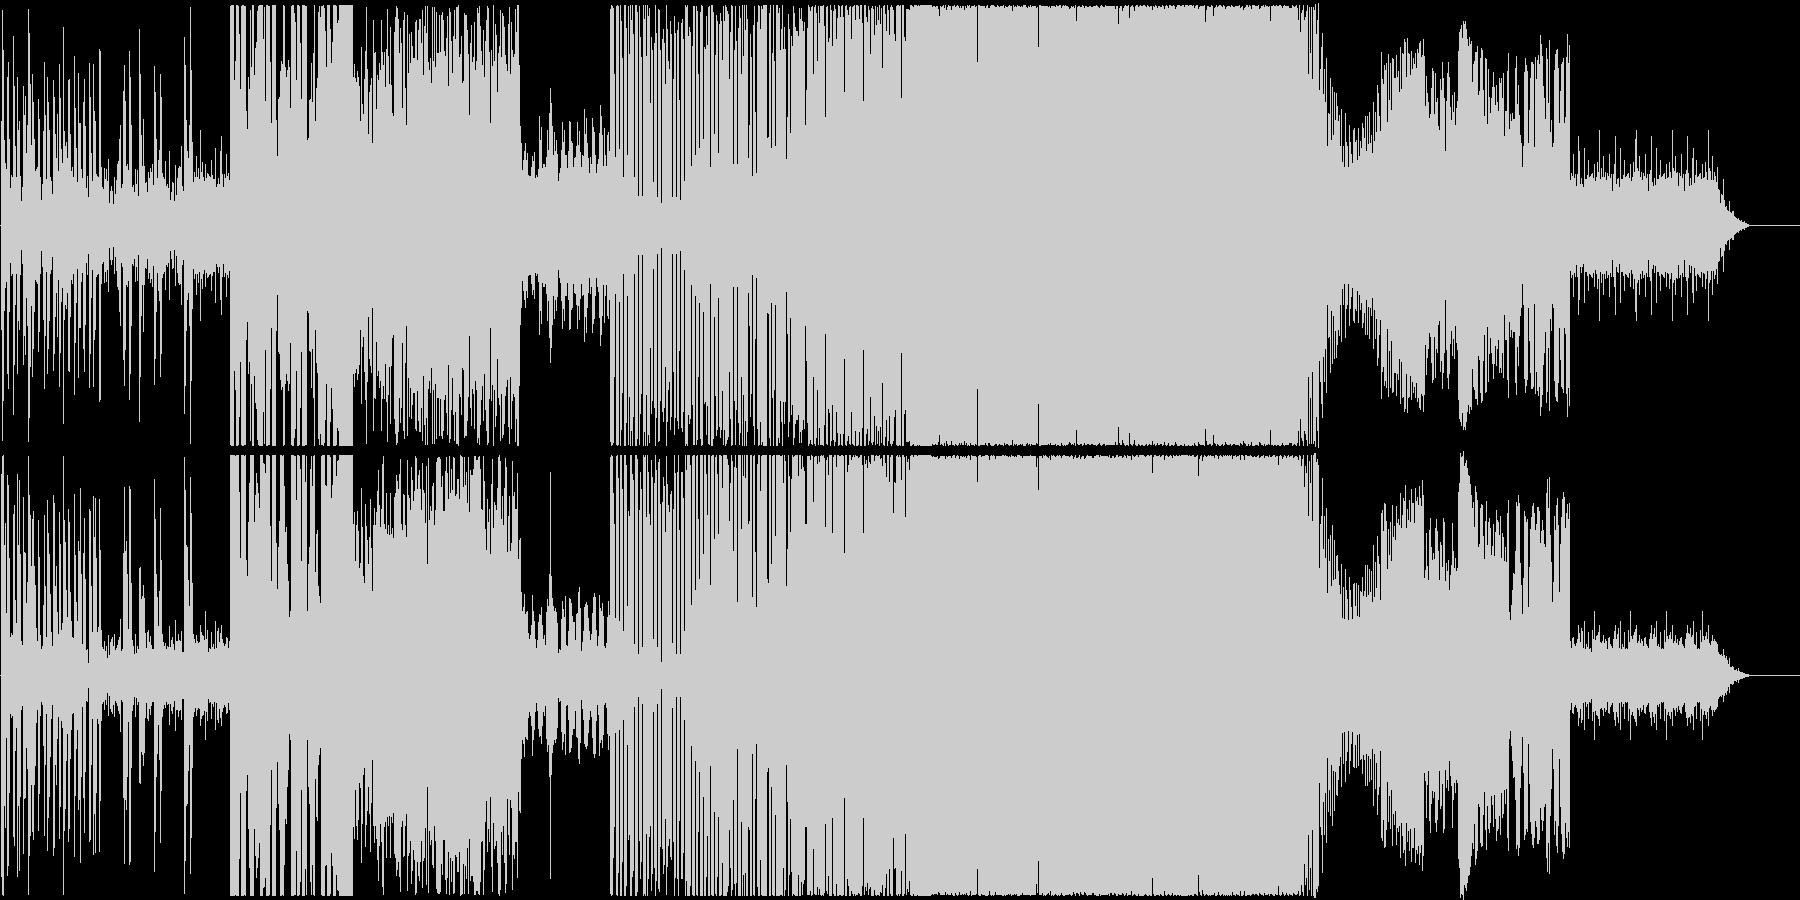 ごちゃごちゃサイバー系ドラムンベース風の未再生の波形